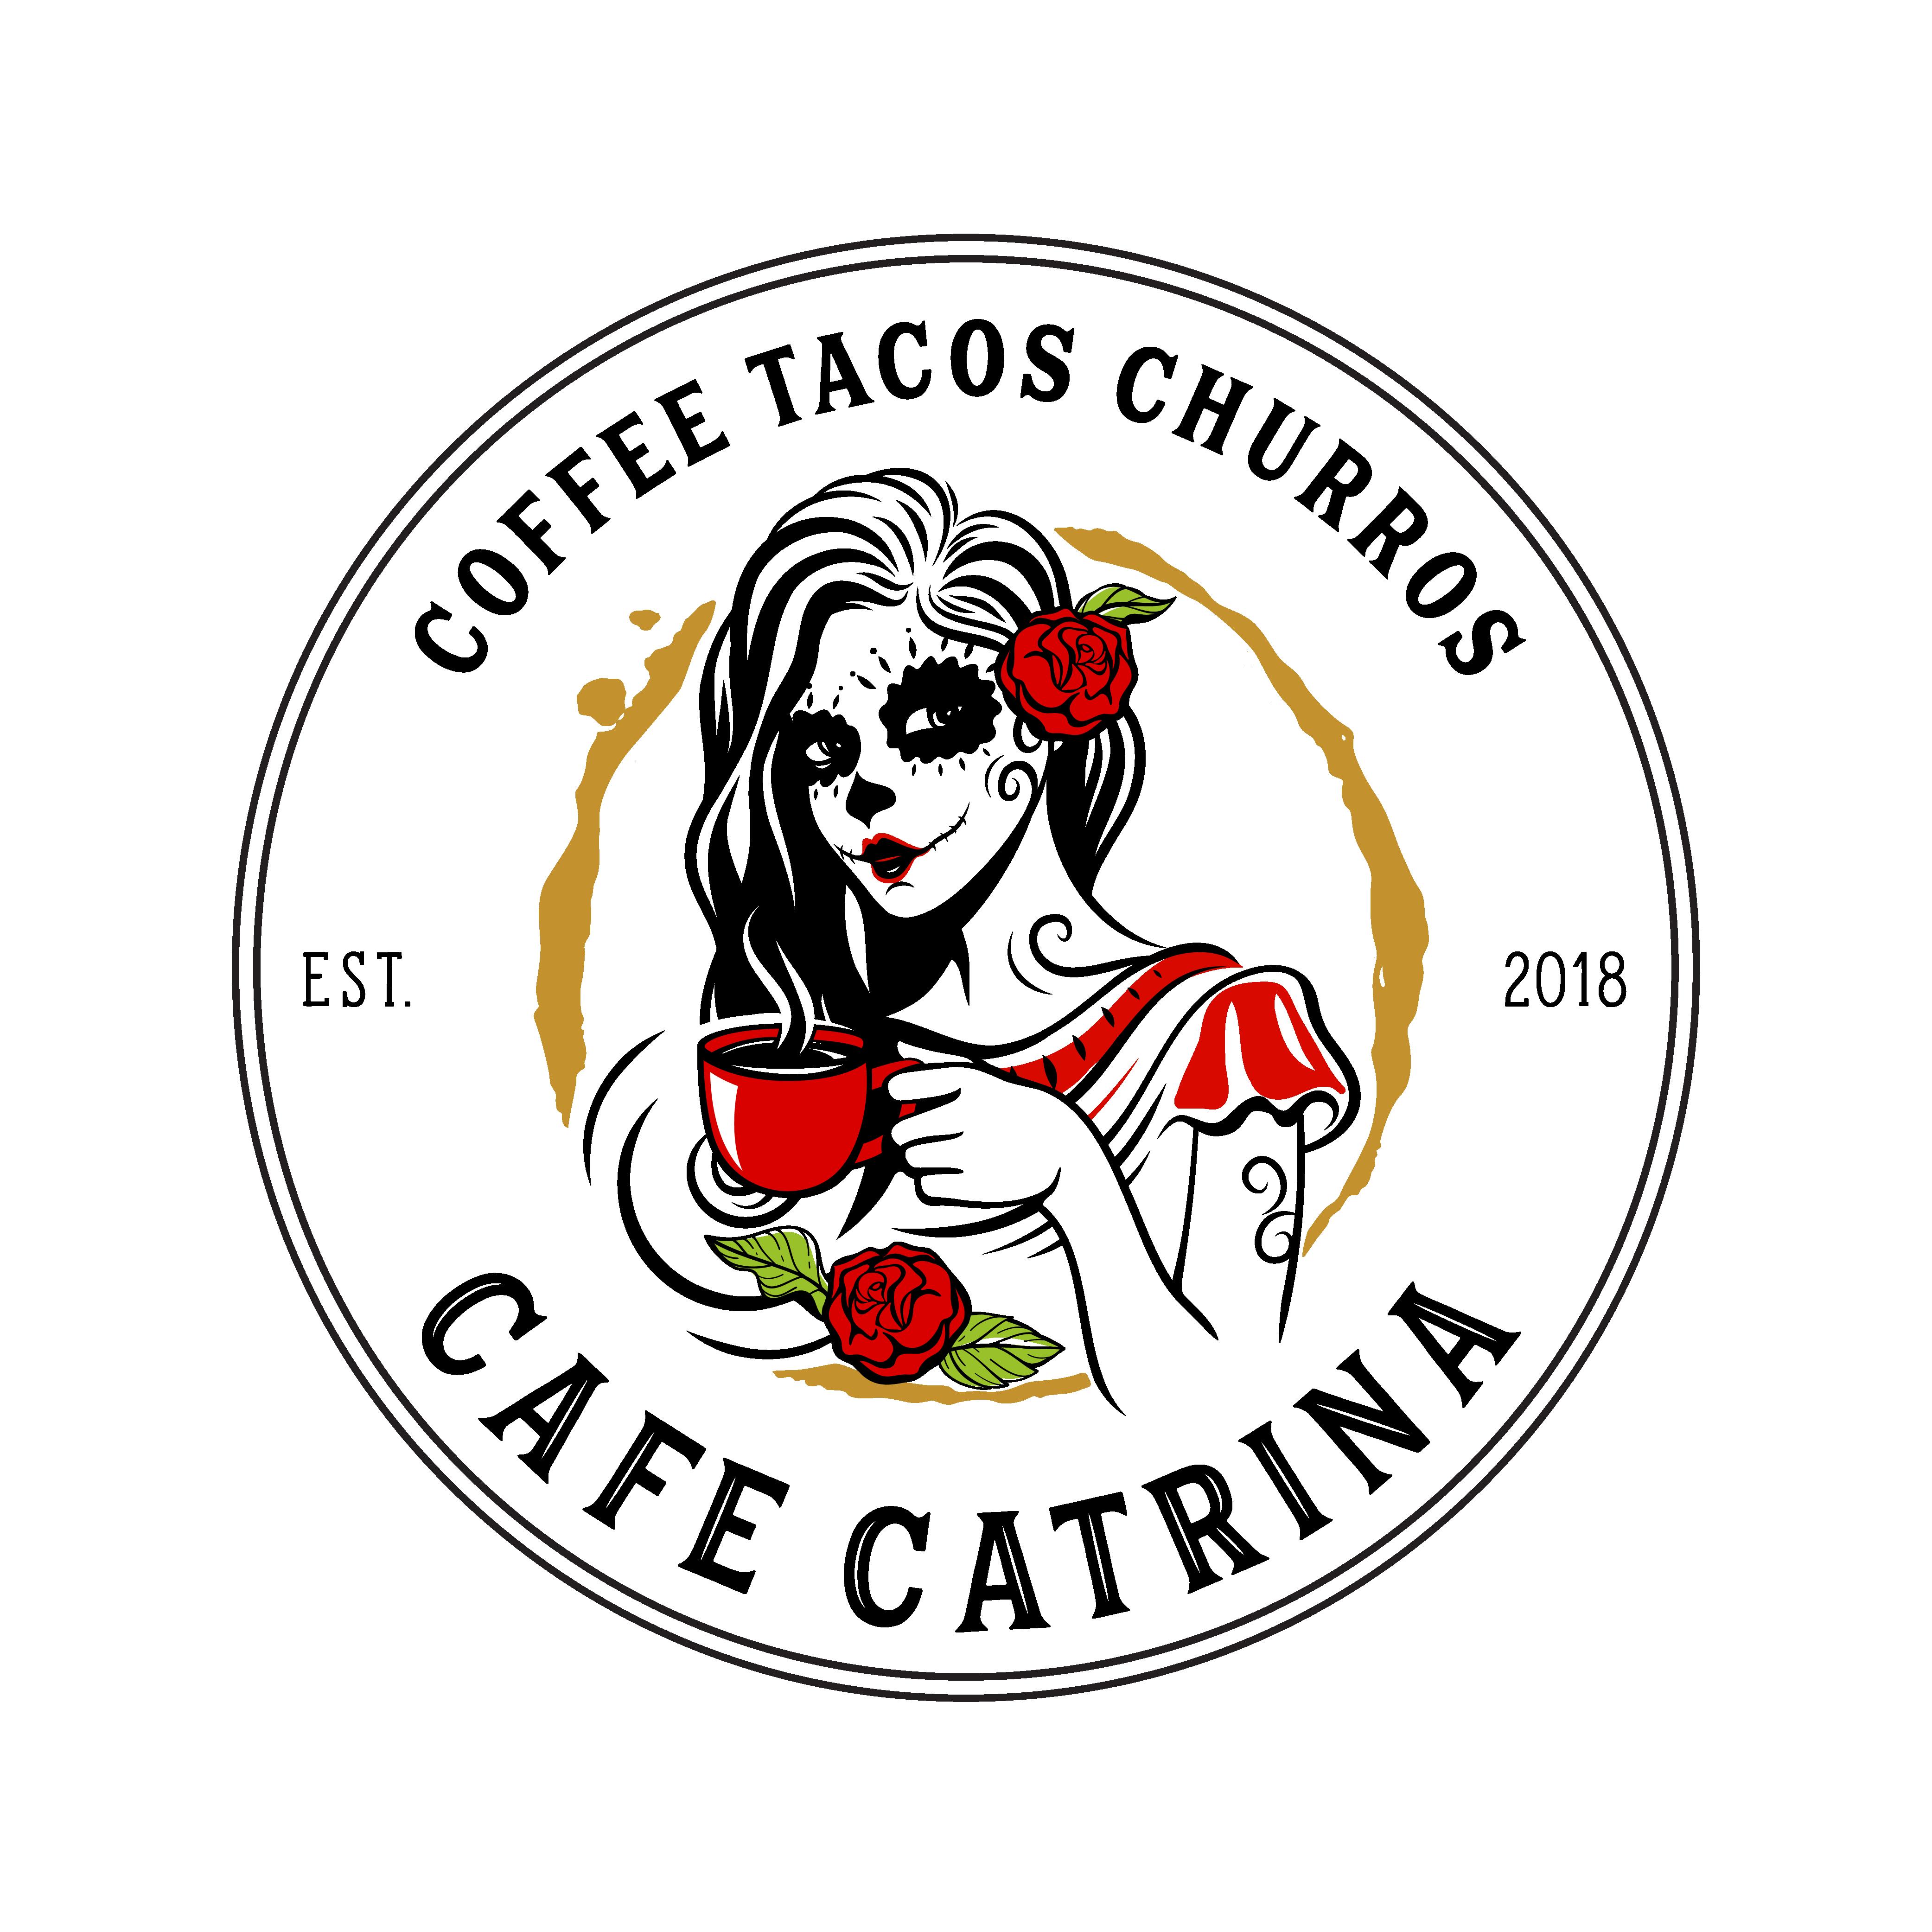 Bring Cafe Catrina's logo to life